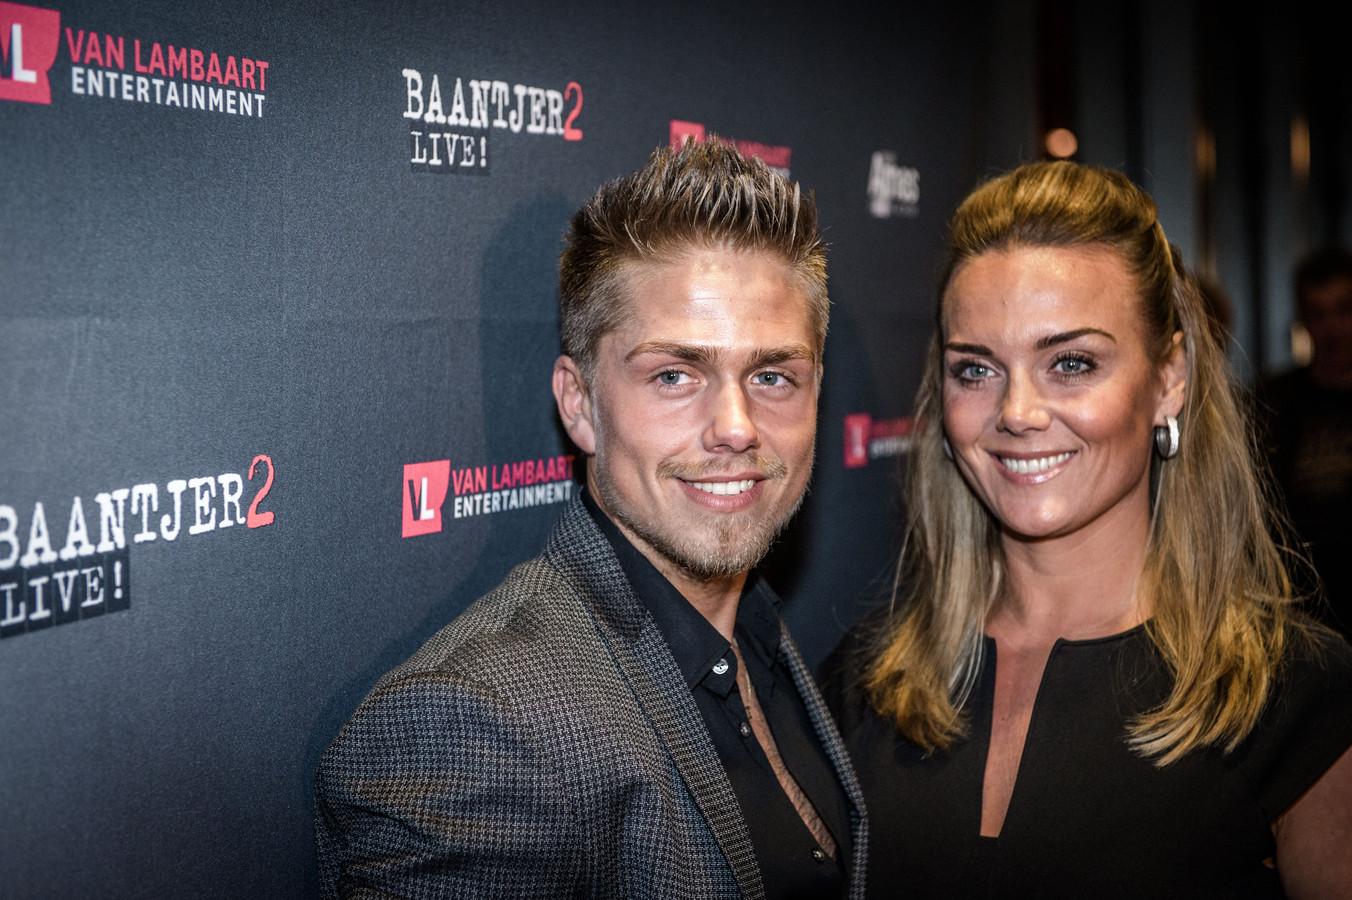 André Hazes en zijn vriendin Monique Westenberg.